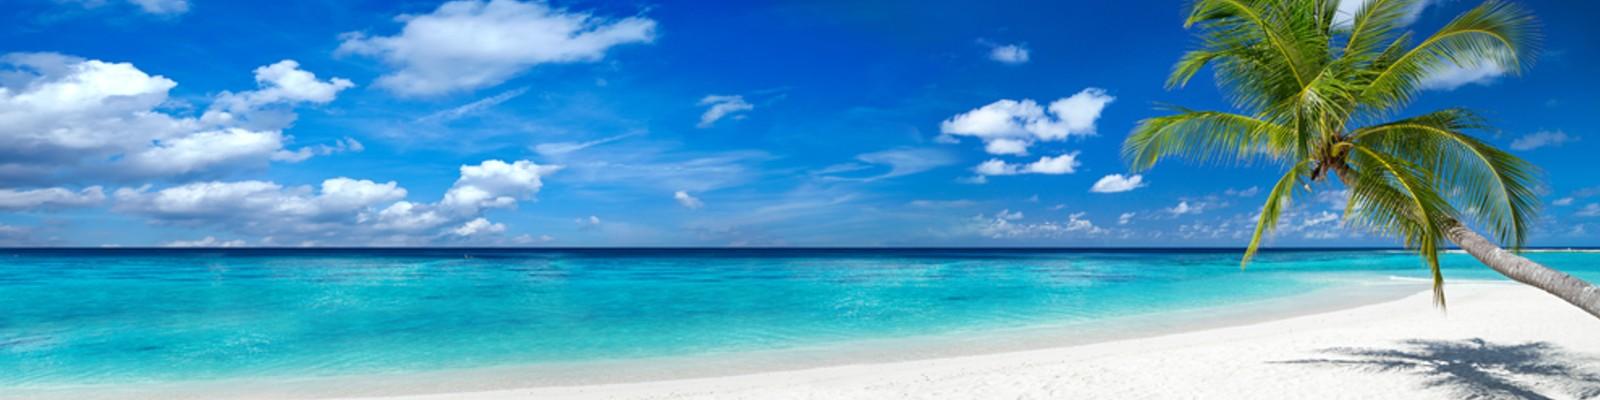 wszystko, czego potrzebujesz na plażę